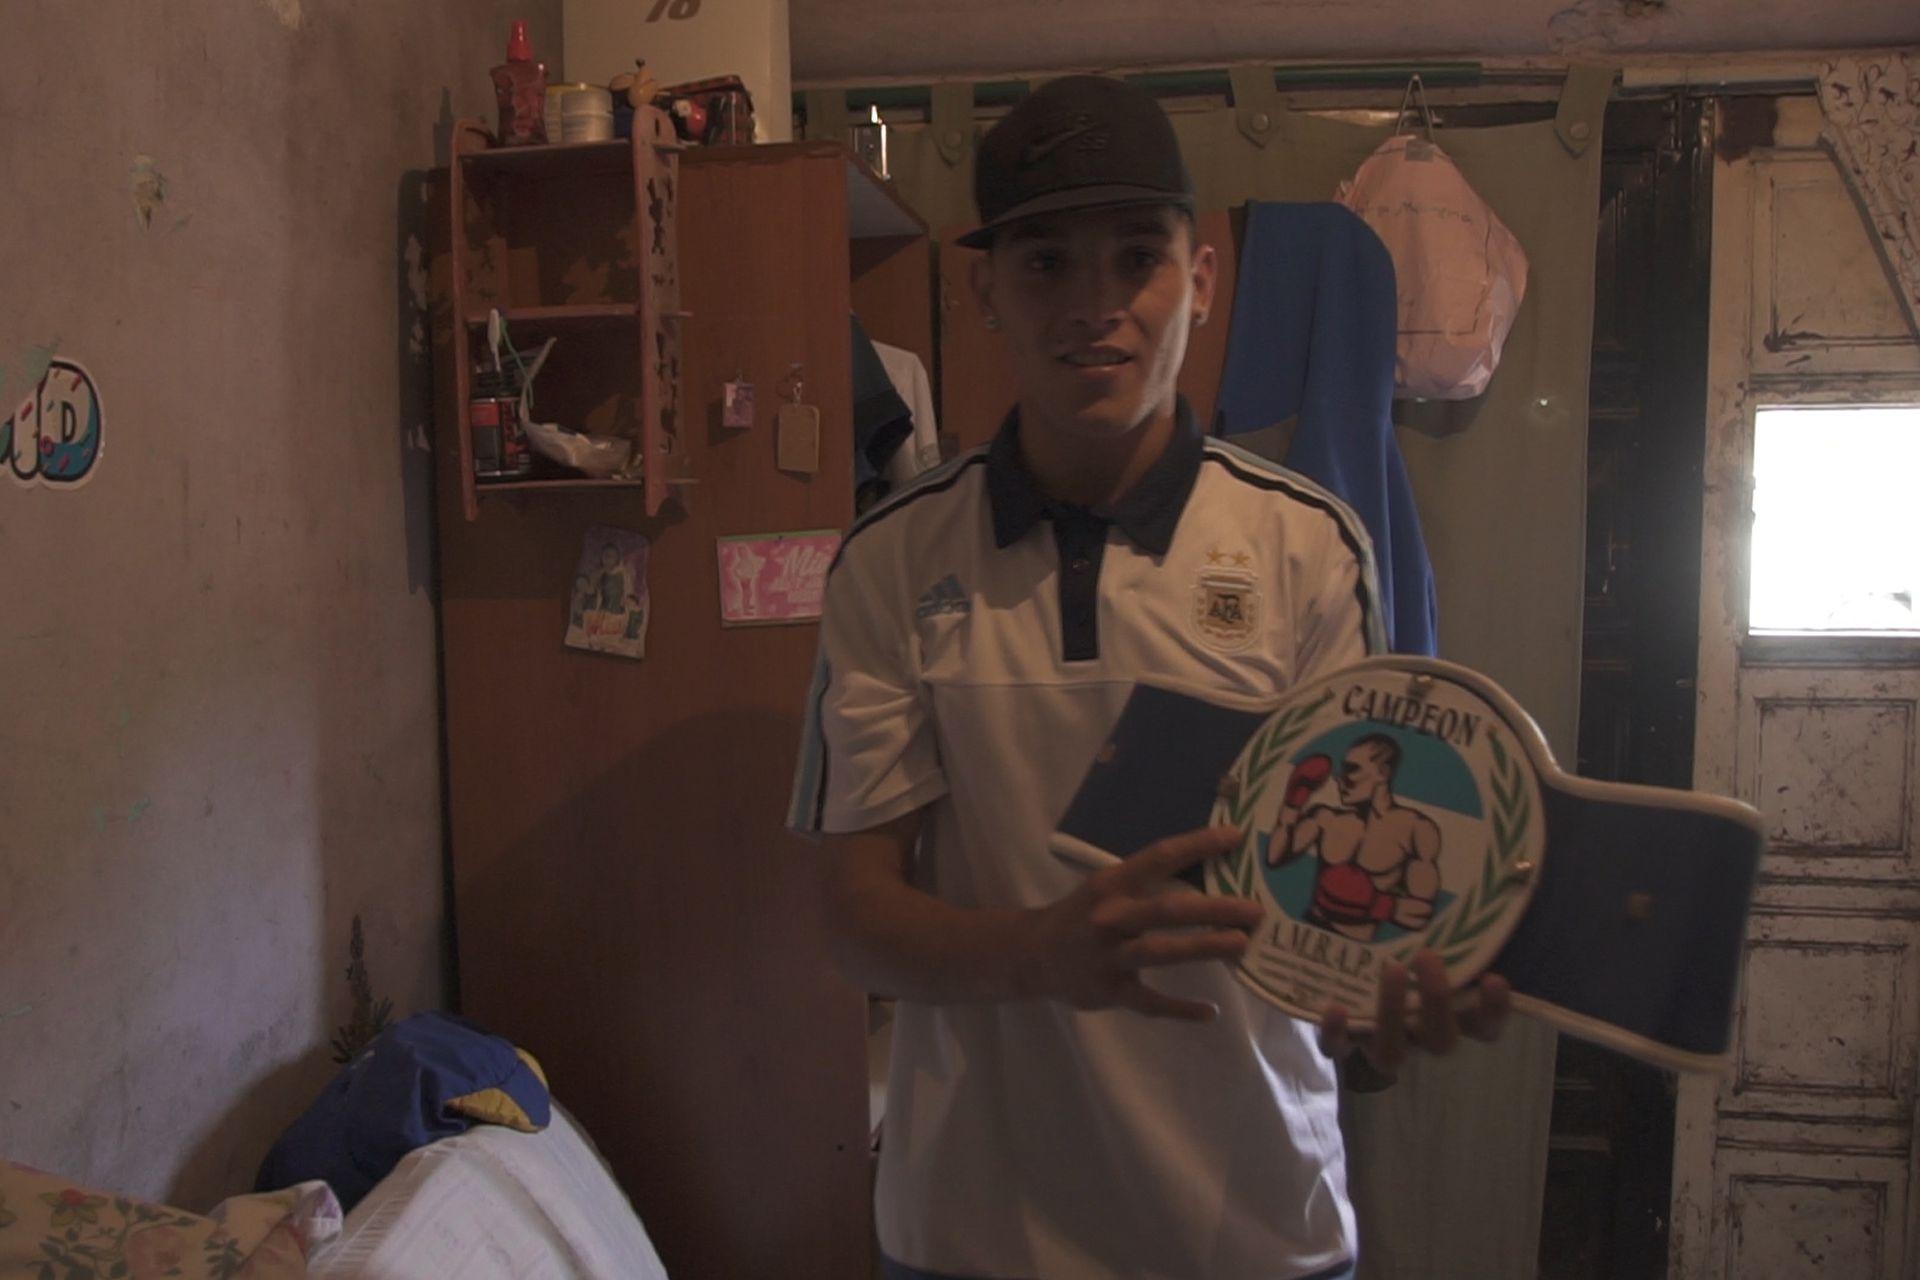 Los martes y jueves está dando clases de boxeo a otros chicos en el club barrial San Enrique.